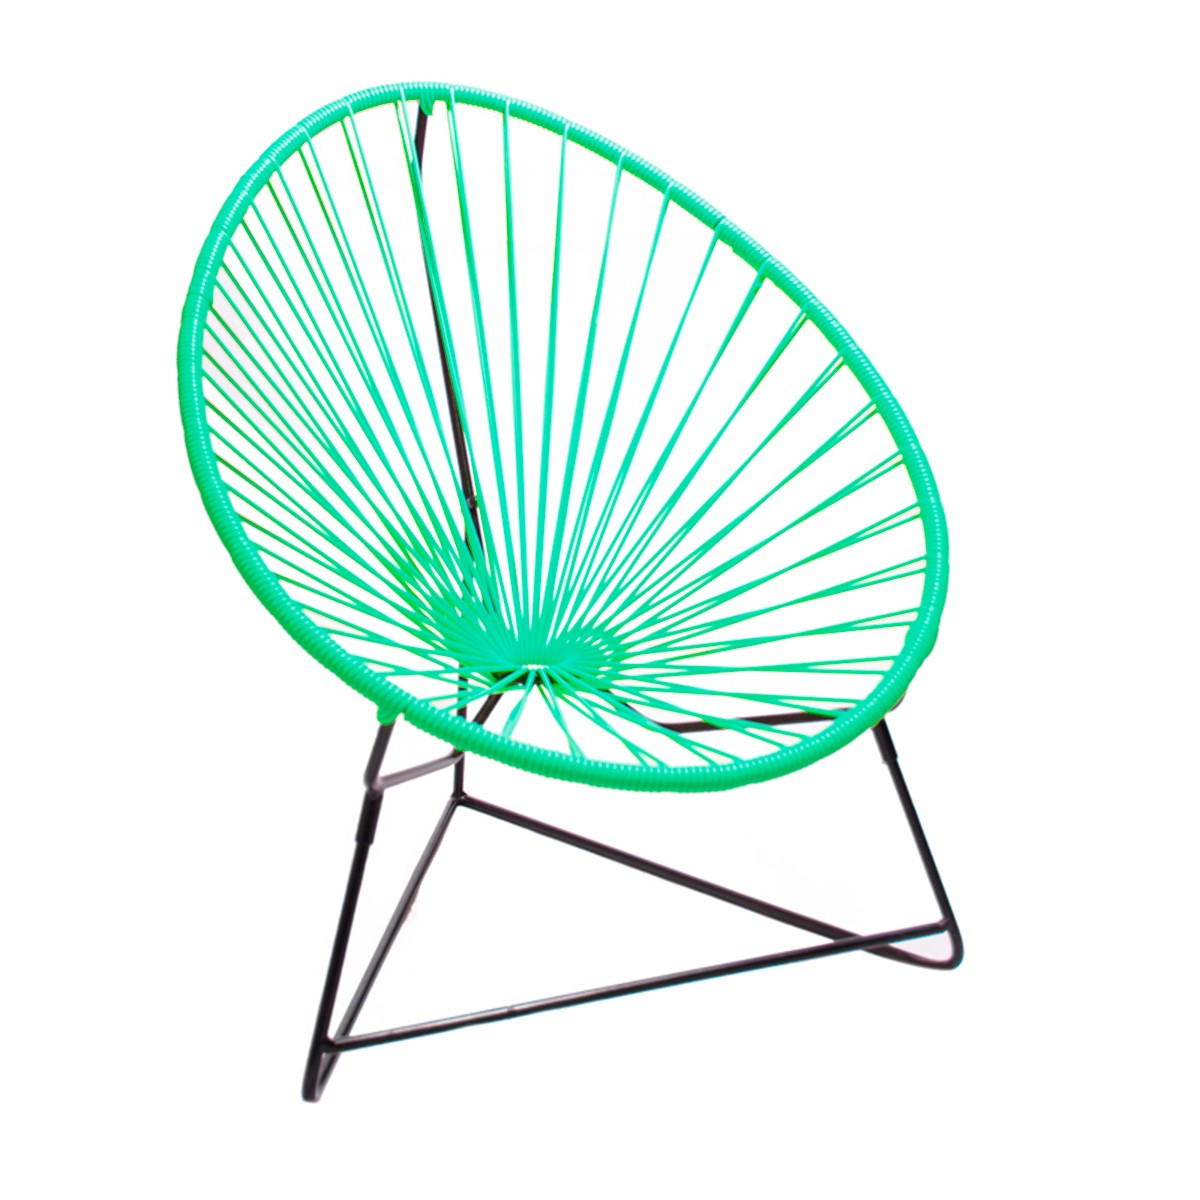 Fauteuil ACAPULCO ENFANT De Boqa Avec Structure Noire Vert Turquoise